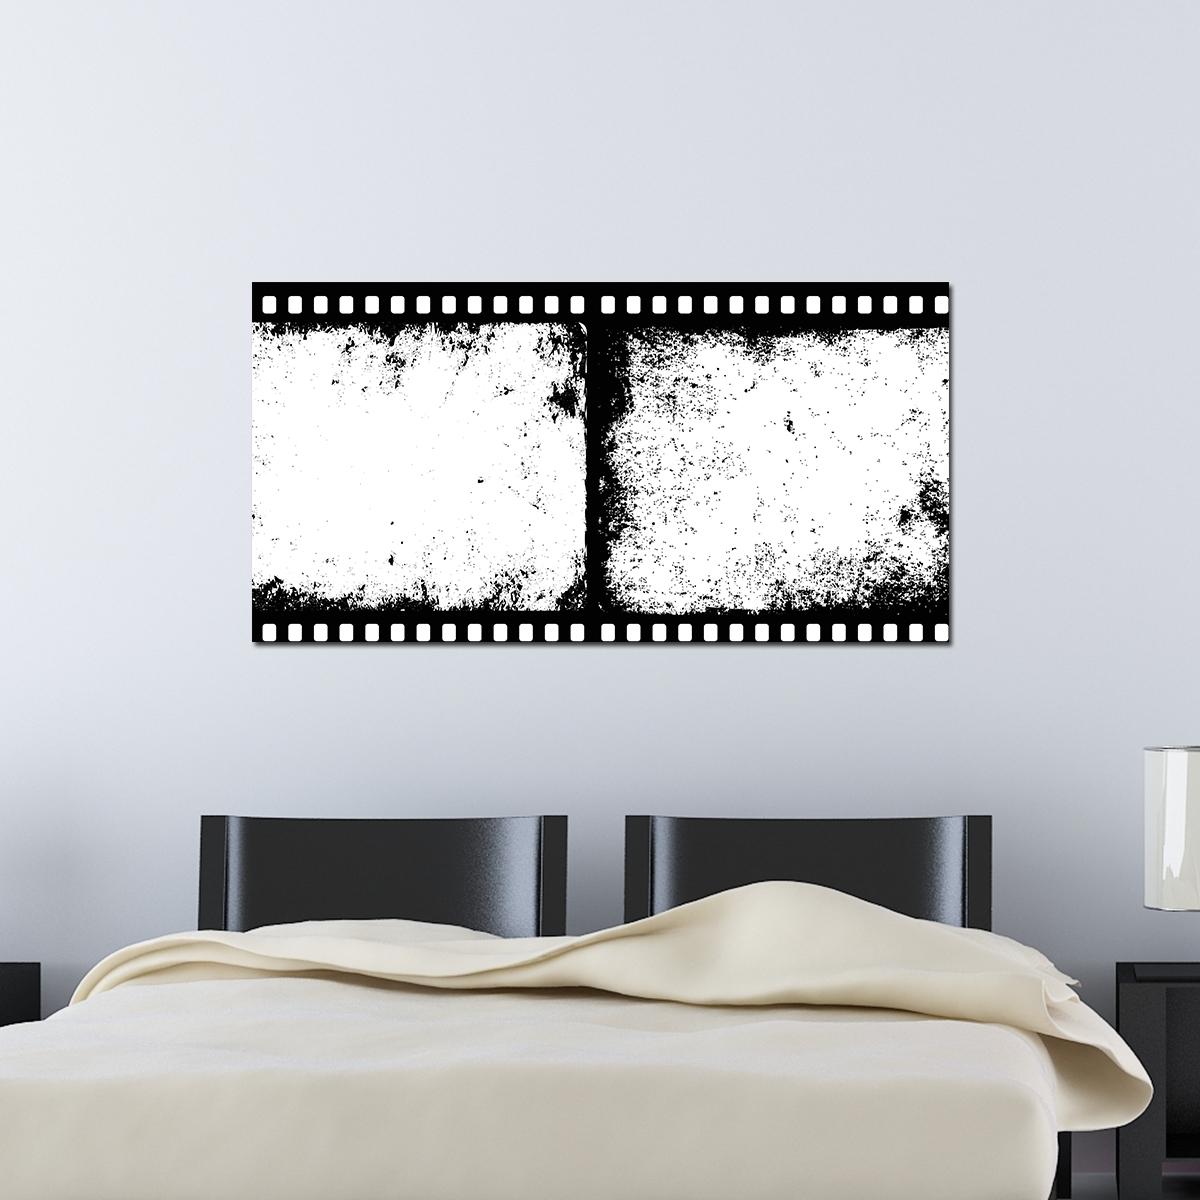 papier peint magn tique sticker papier peint magn tique cinema ambiance. Black Bedroom Furniture Sets. Home Design Ideas